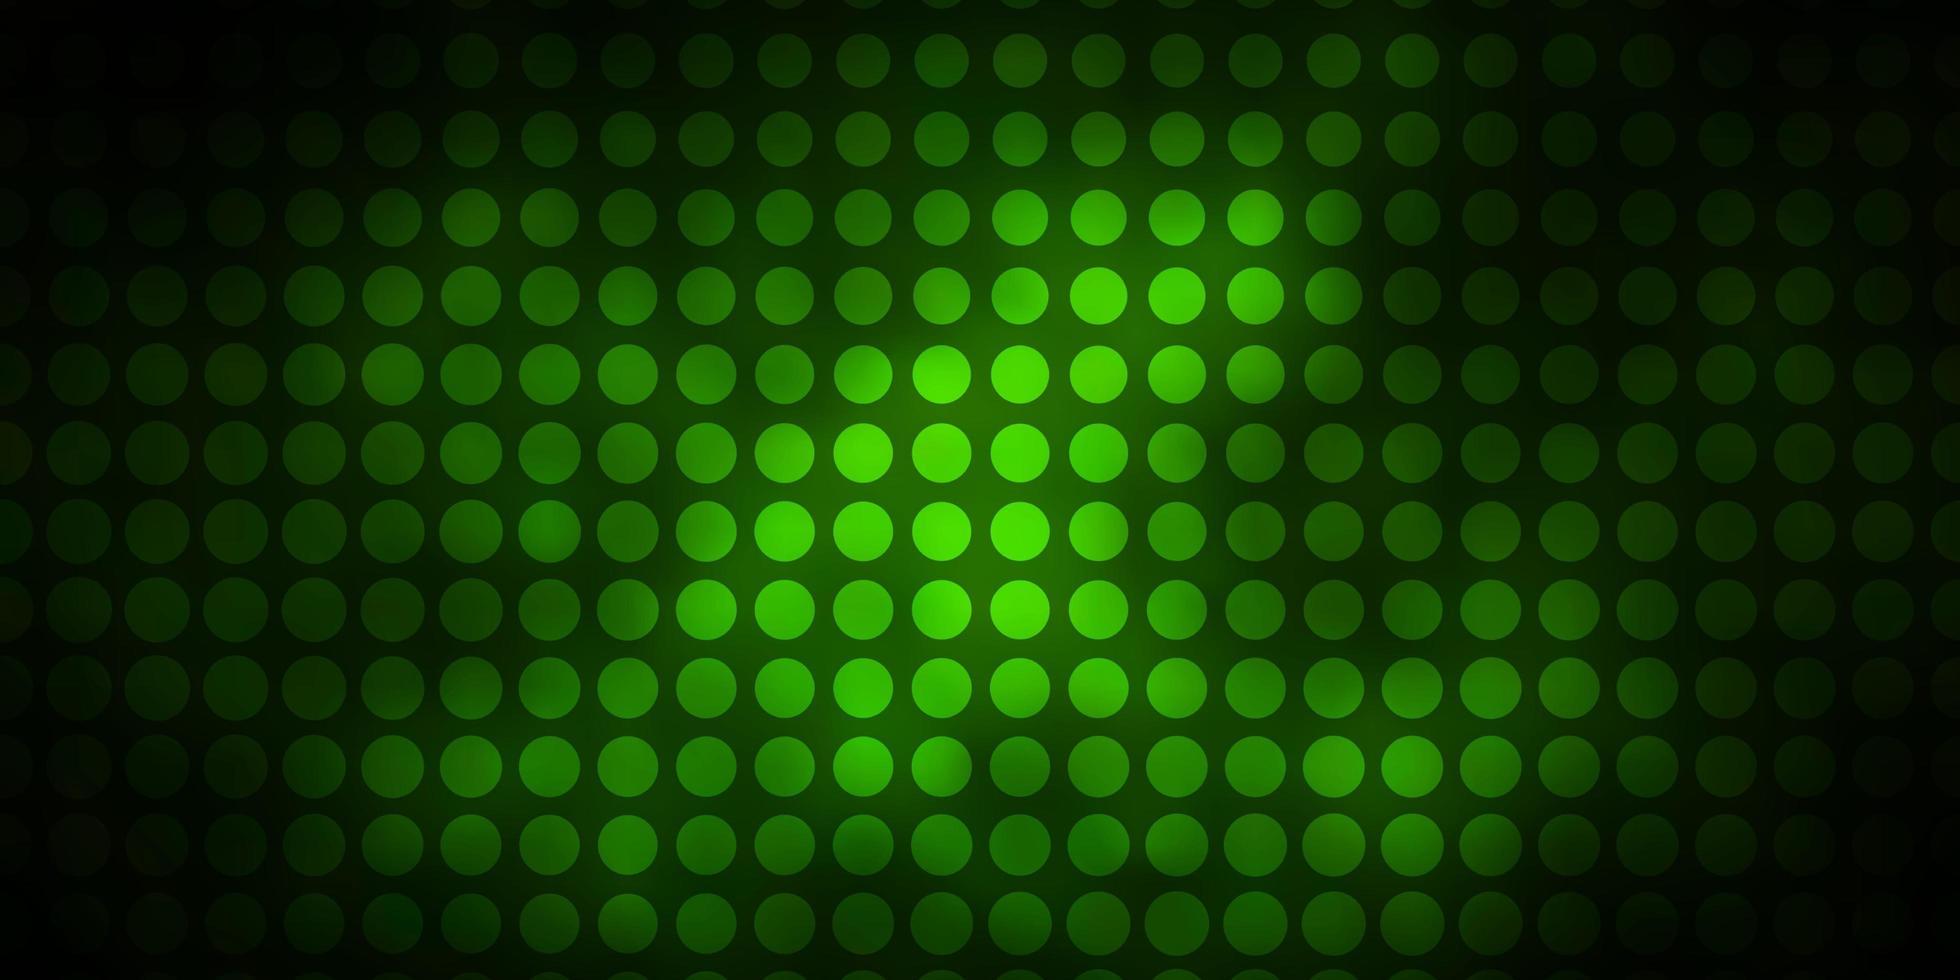 diseño verde oscuro con círculos vector